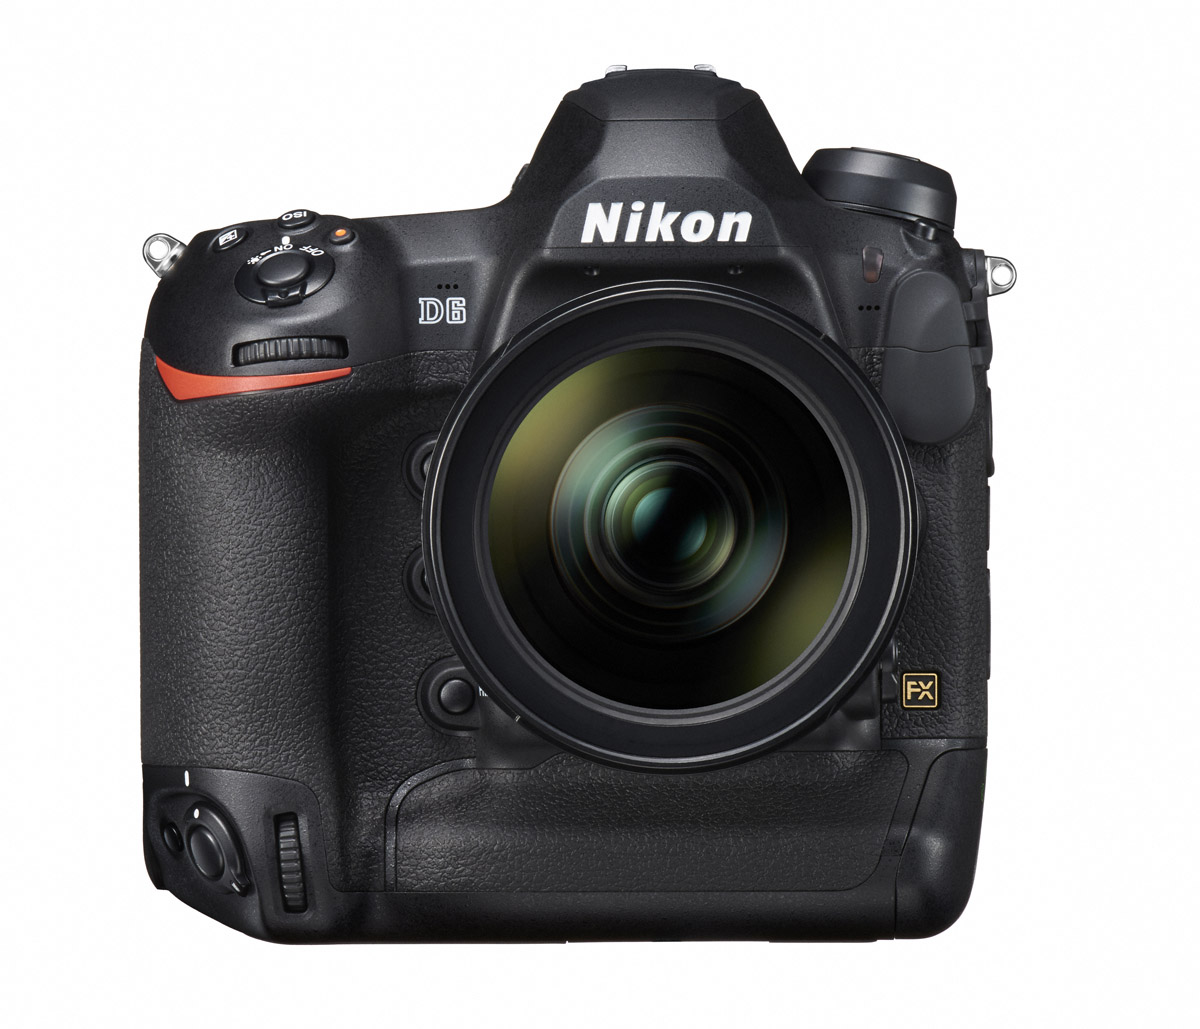 Nikon D6, en desarrollo la futura cámara más avanzada de Nikon